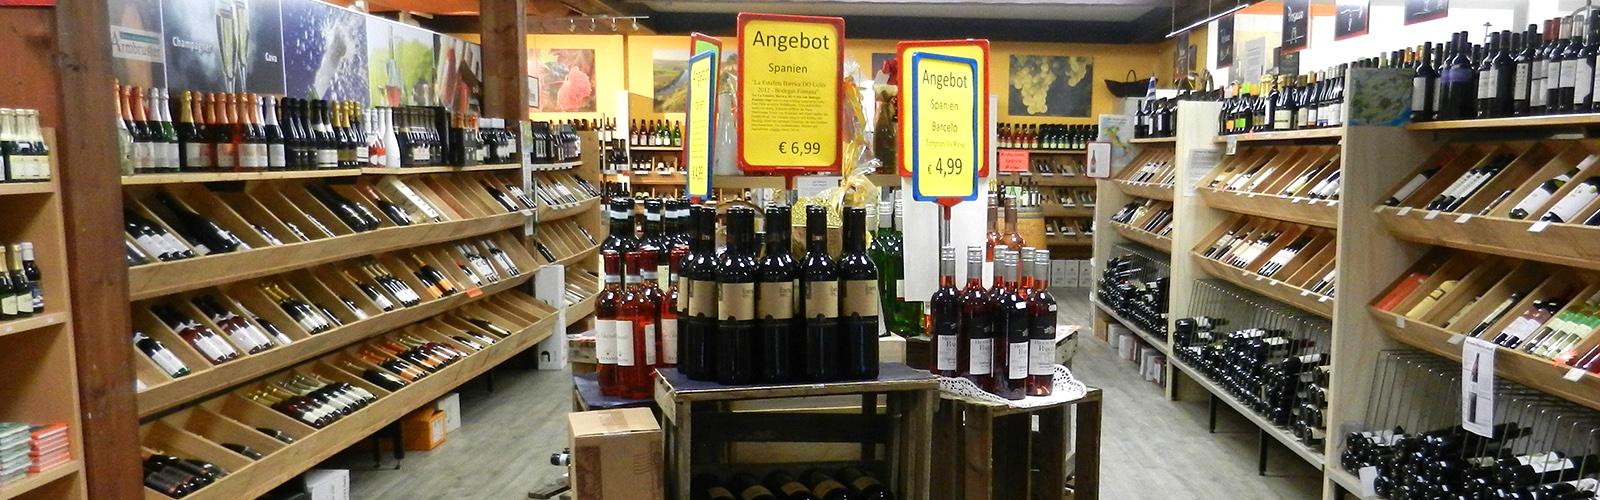 Internationaler und spanischer Wein